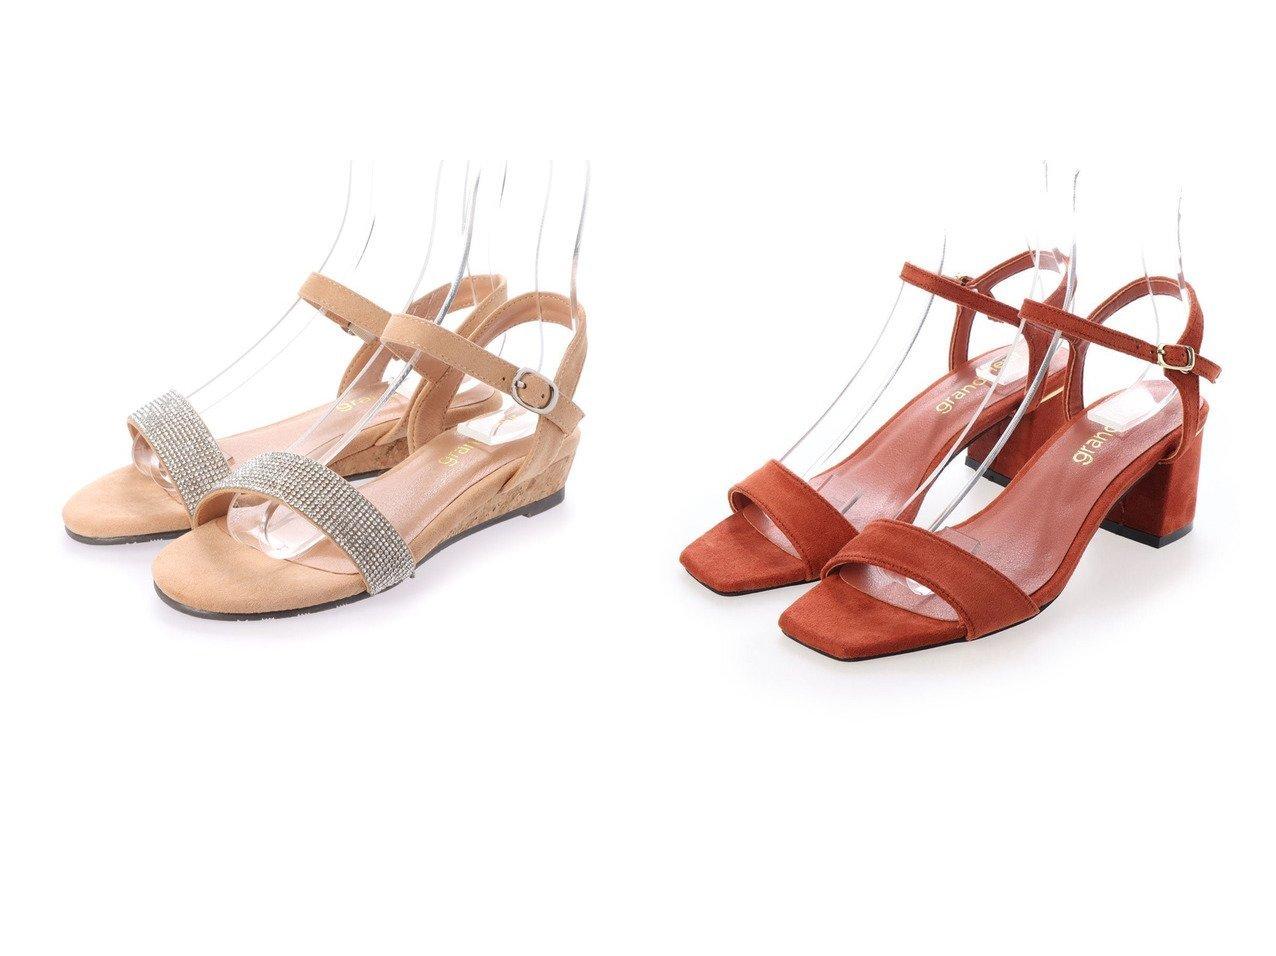 【grandfleur/グランドフルール】のラインストーンデザインのローヒールサンダル&スクエアトゥのヒールキャップデザインサンダル シューズ・靴のおすすめ!人気、トレンド・レディースファッションの通販 おすすめで人気の流行・トレンド、ファッションの通販商品 メンズファッション・キッズファッション・インテリア・家具・レディースファッション・服の通販 founy(ファニー) https://founy.com/ ファッション Fashion レディースファッション WOMEN 2020年 2020 2020 春夏 S/S SS Spring/Summer 2020 S/S 春夏 SS Spring/Summer ストーン フィット 定番 Standard 春 Spring |ID:crp329100000022558